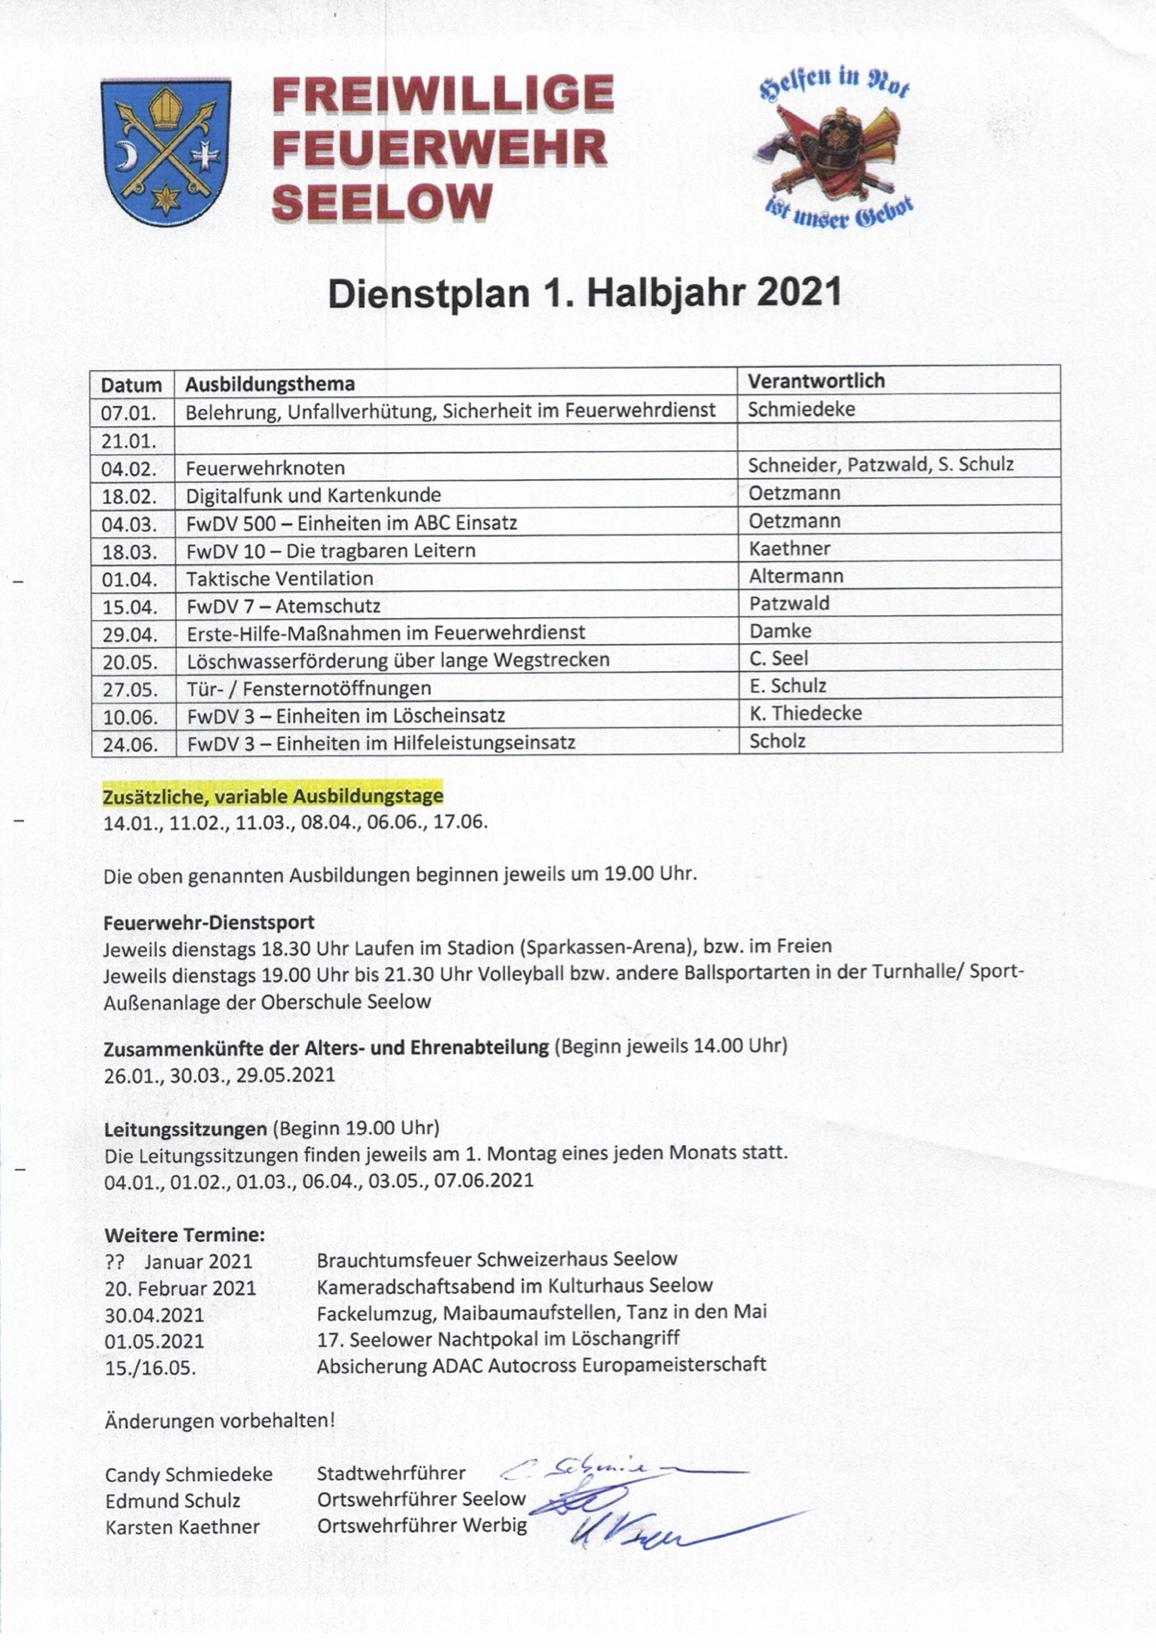 Dienstplan 1. Halbjahr 2021